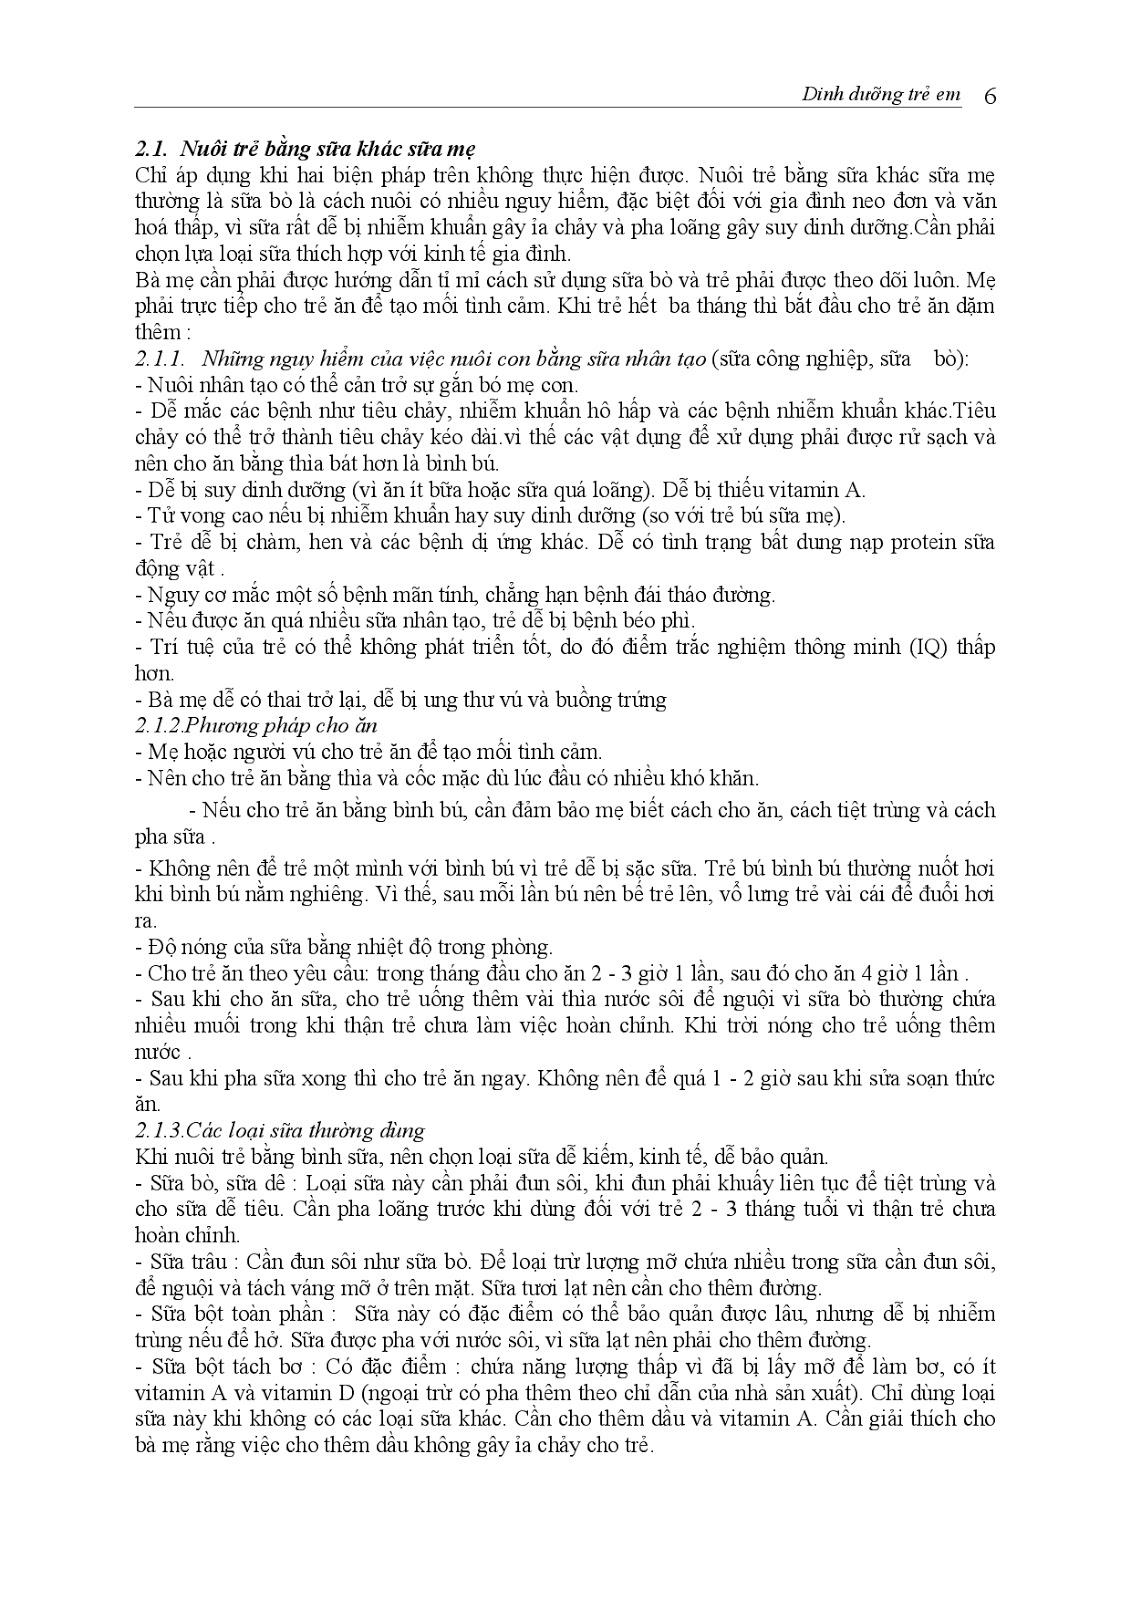 Trang 6 sach Bài giảng Nhi khoa I (Nhi khoa cơ sở - Nhi dinh dưỡng) - ĐH Y Huế